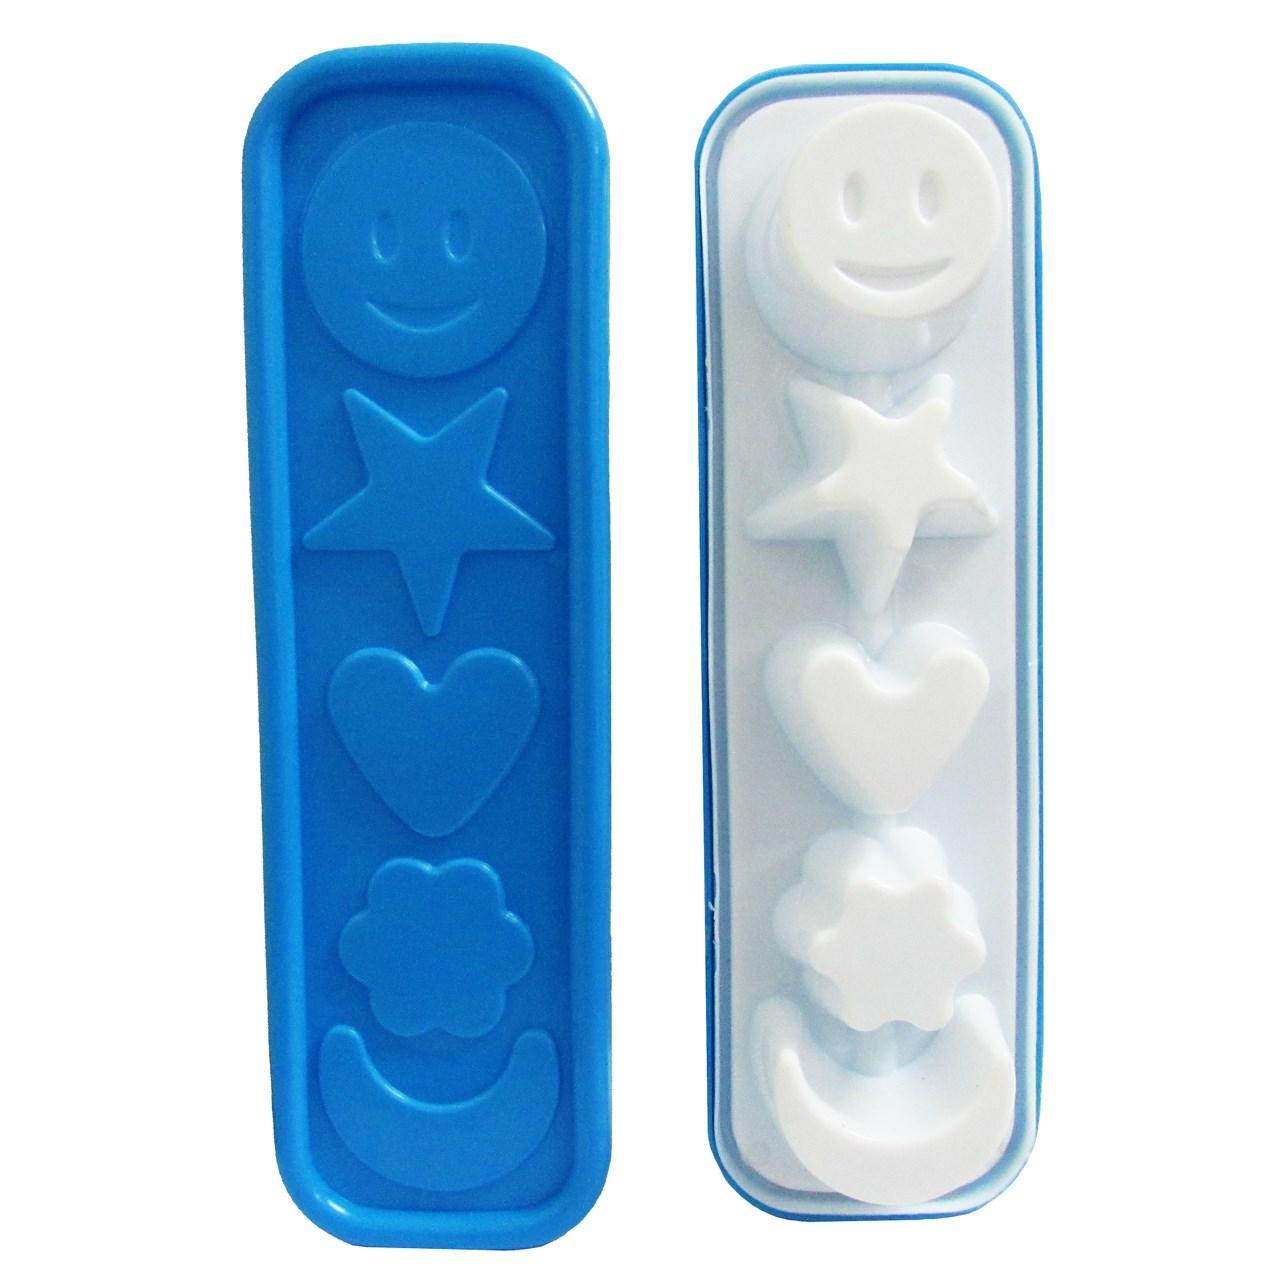 قالب یخ جم مدل Shapes بسته دو عددی